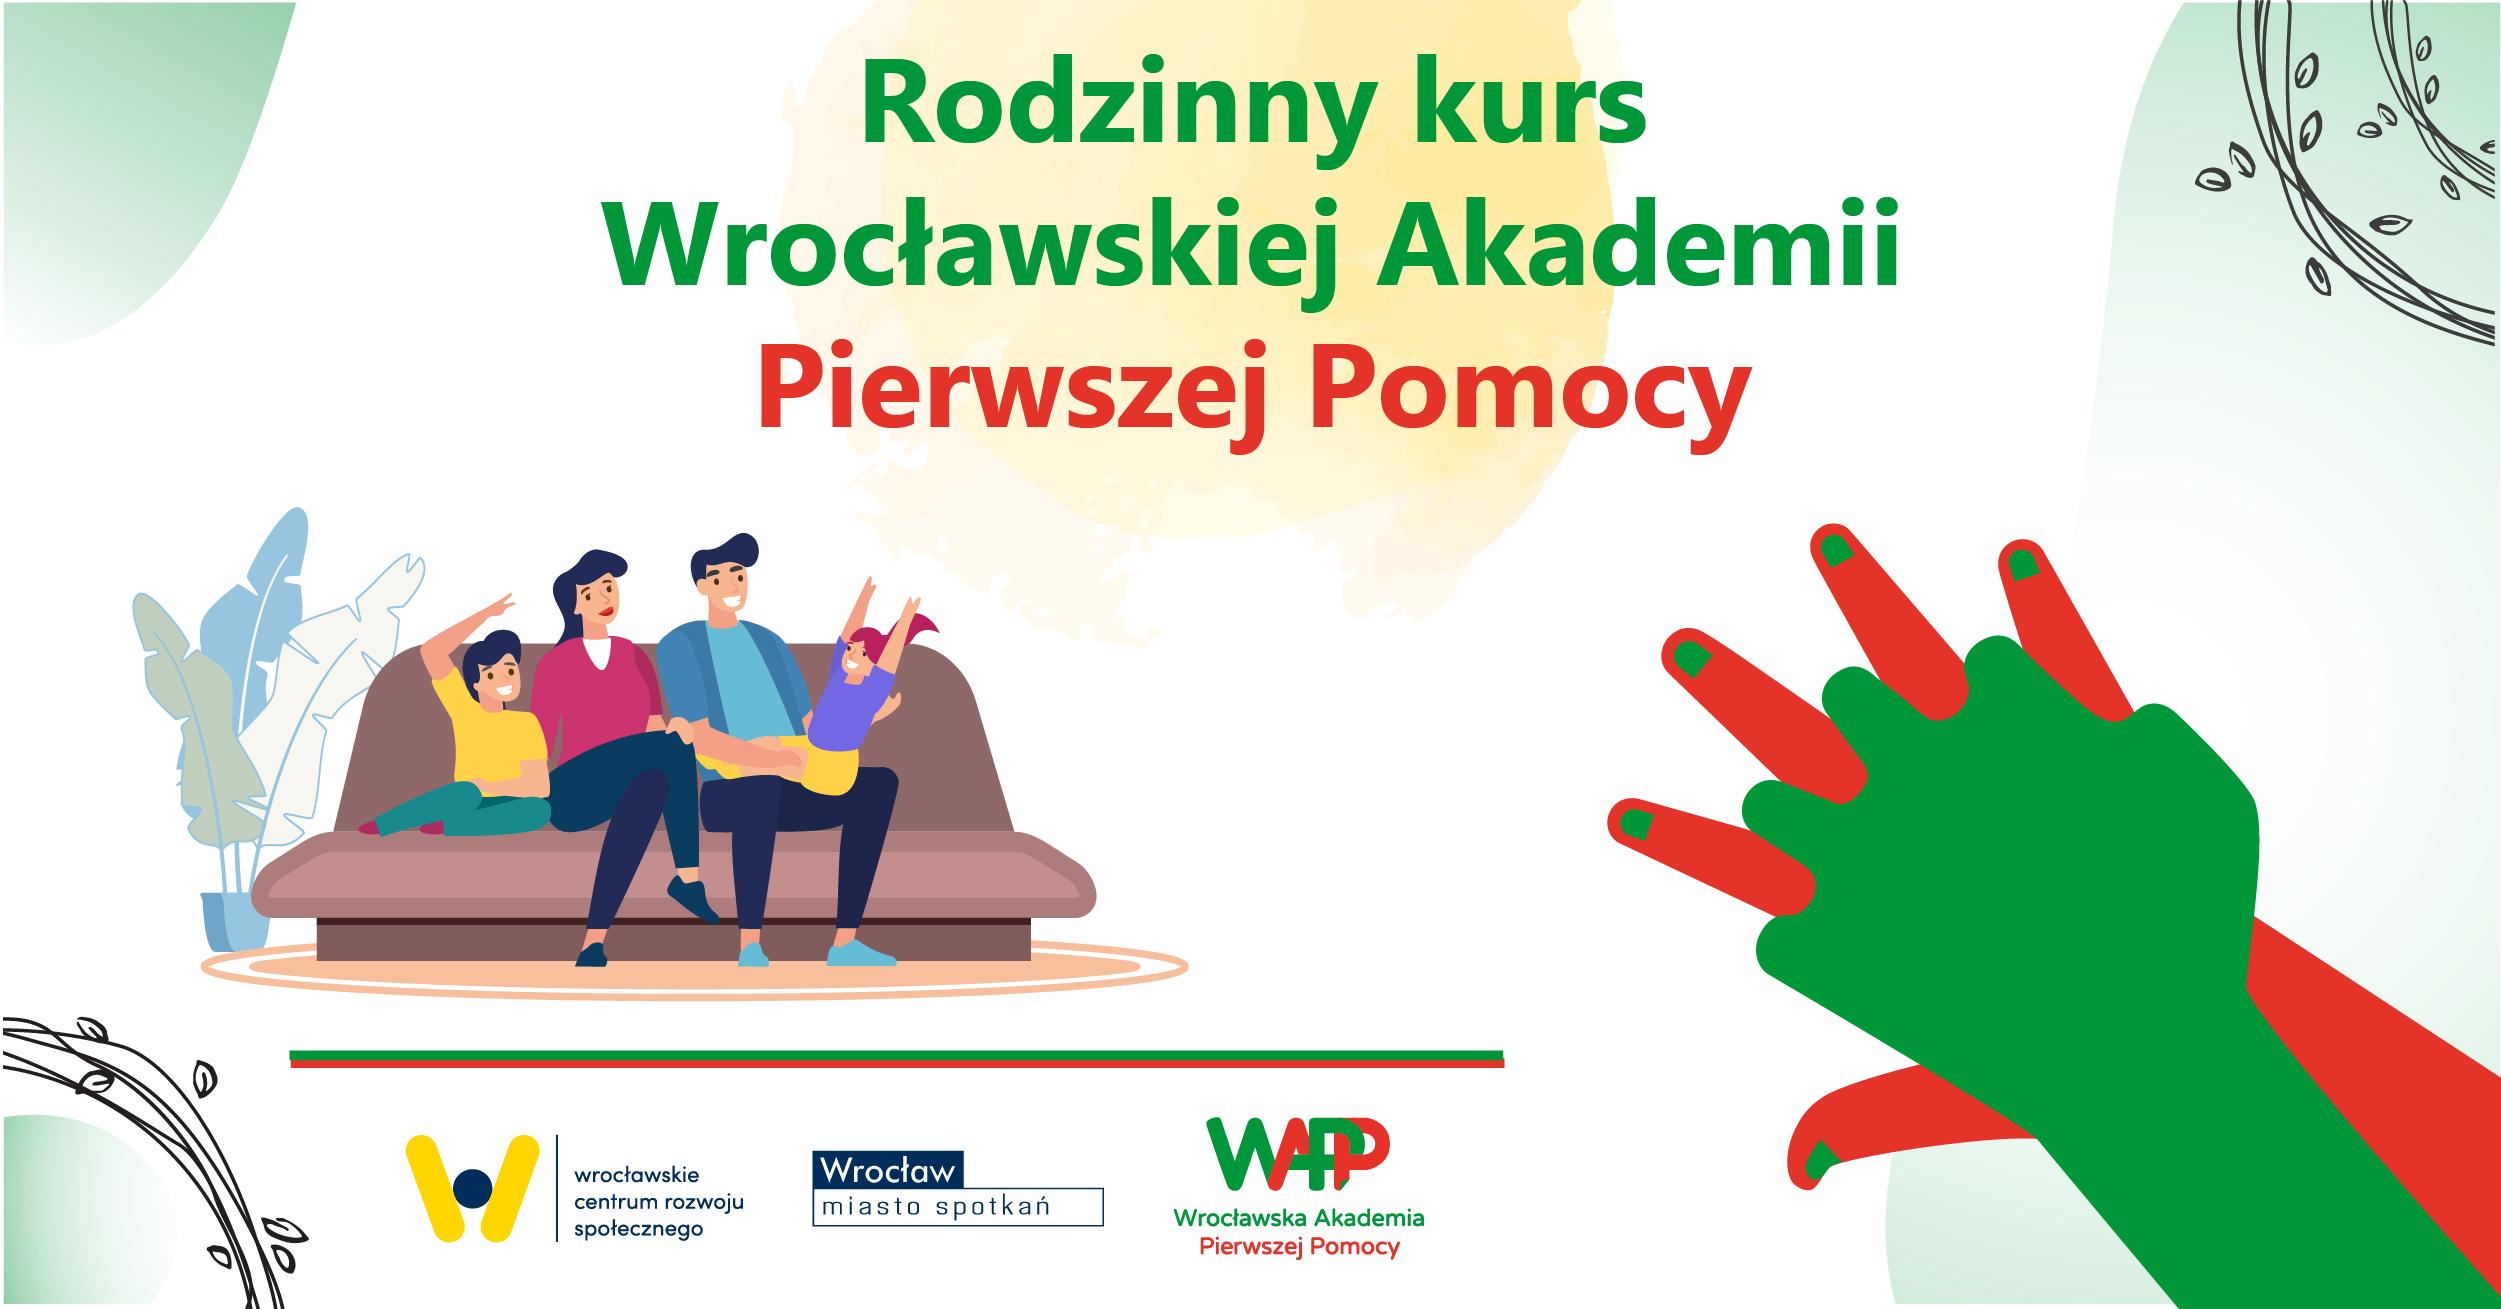 pośrodku tytuł Rodzinny kurs Wrocławskiej Akademii Pierwszej Pomocy